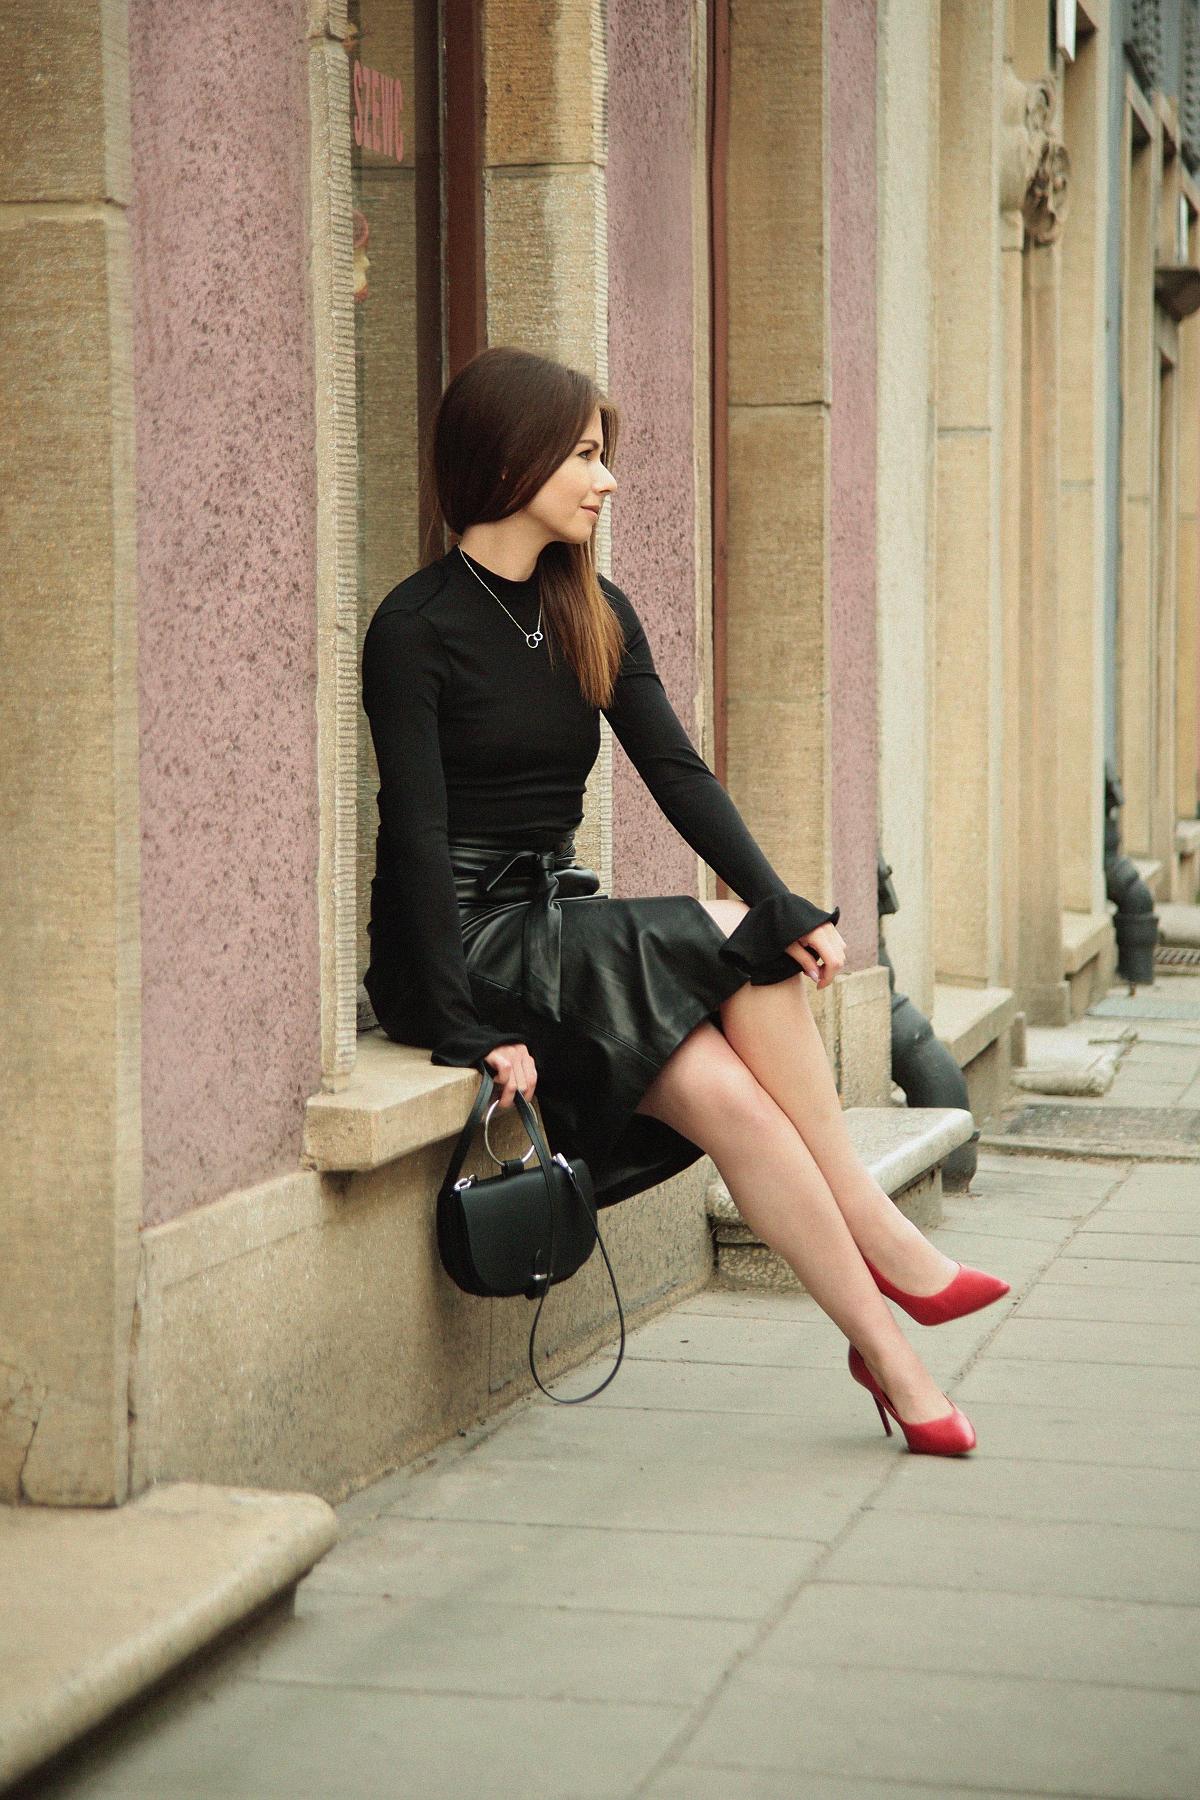 Kobieca stylizacja ze skórzaną spódnicą i czerwonymi szpilkami